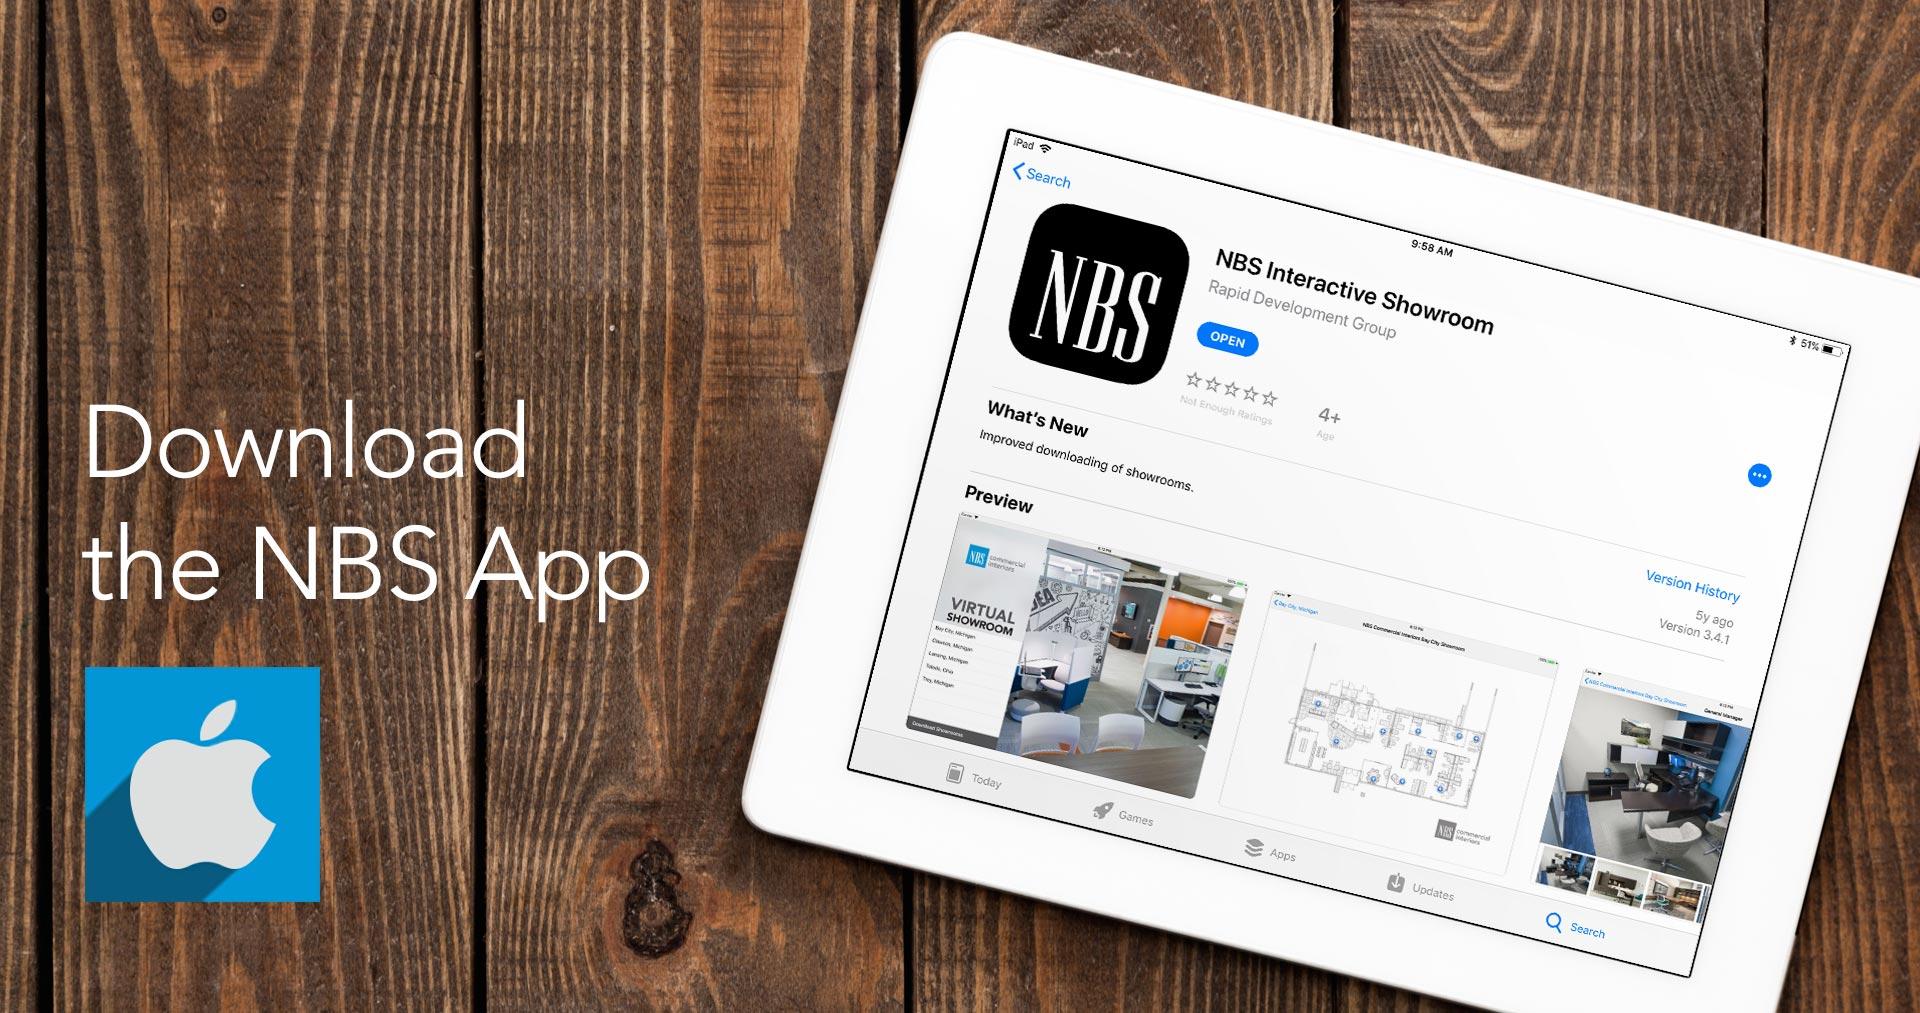 nbs_app_18_one